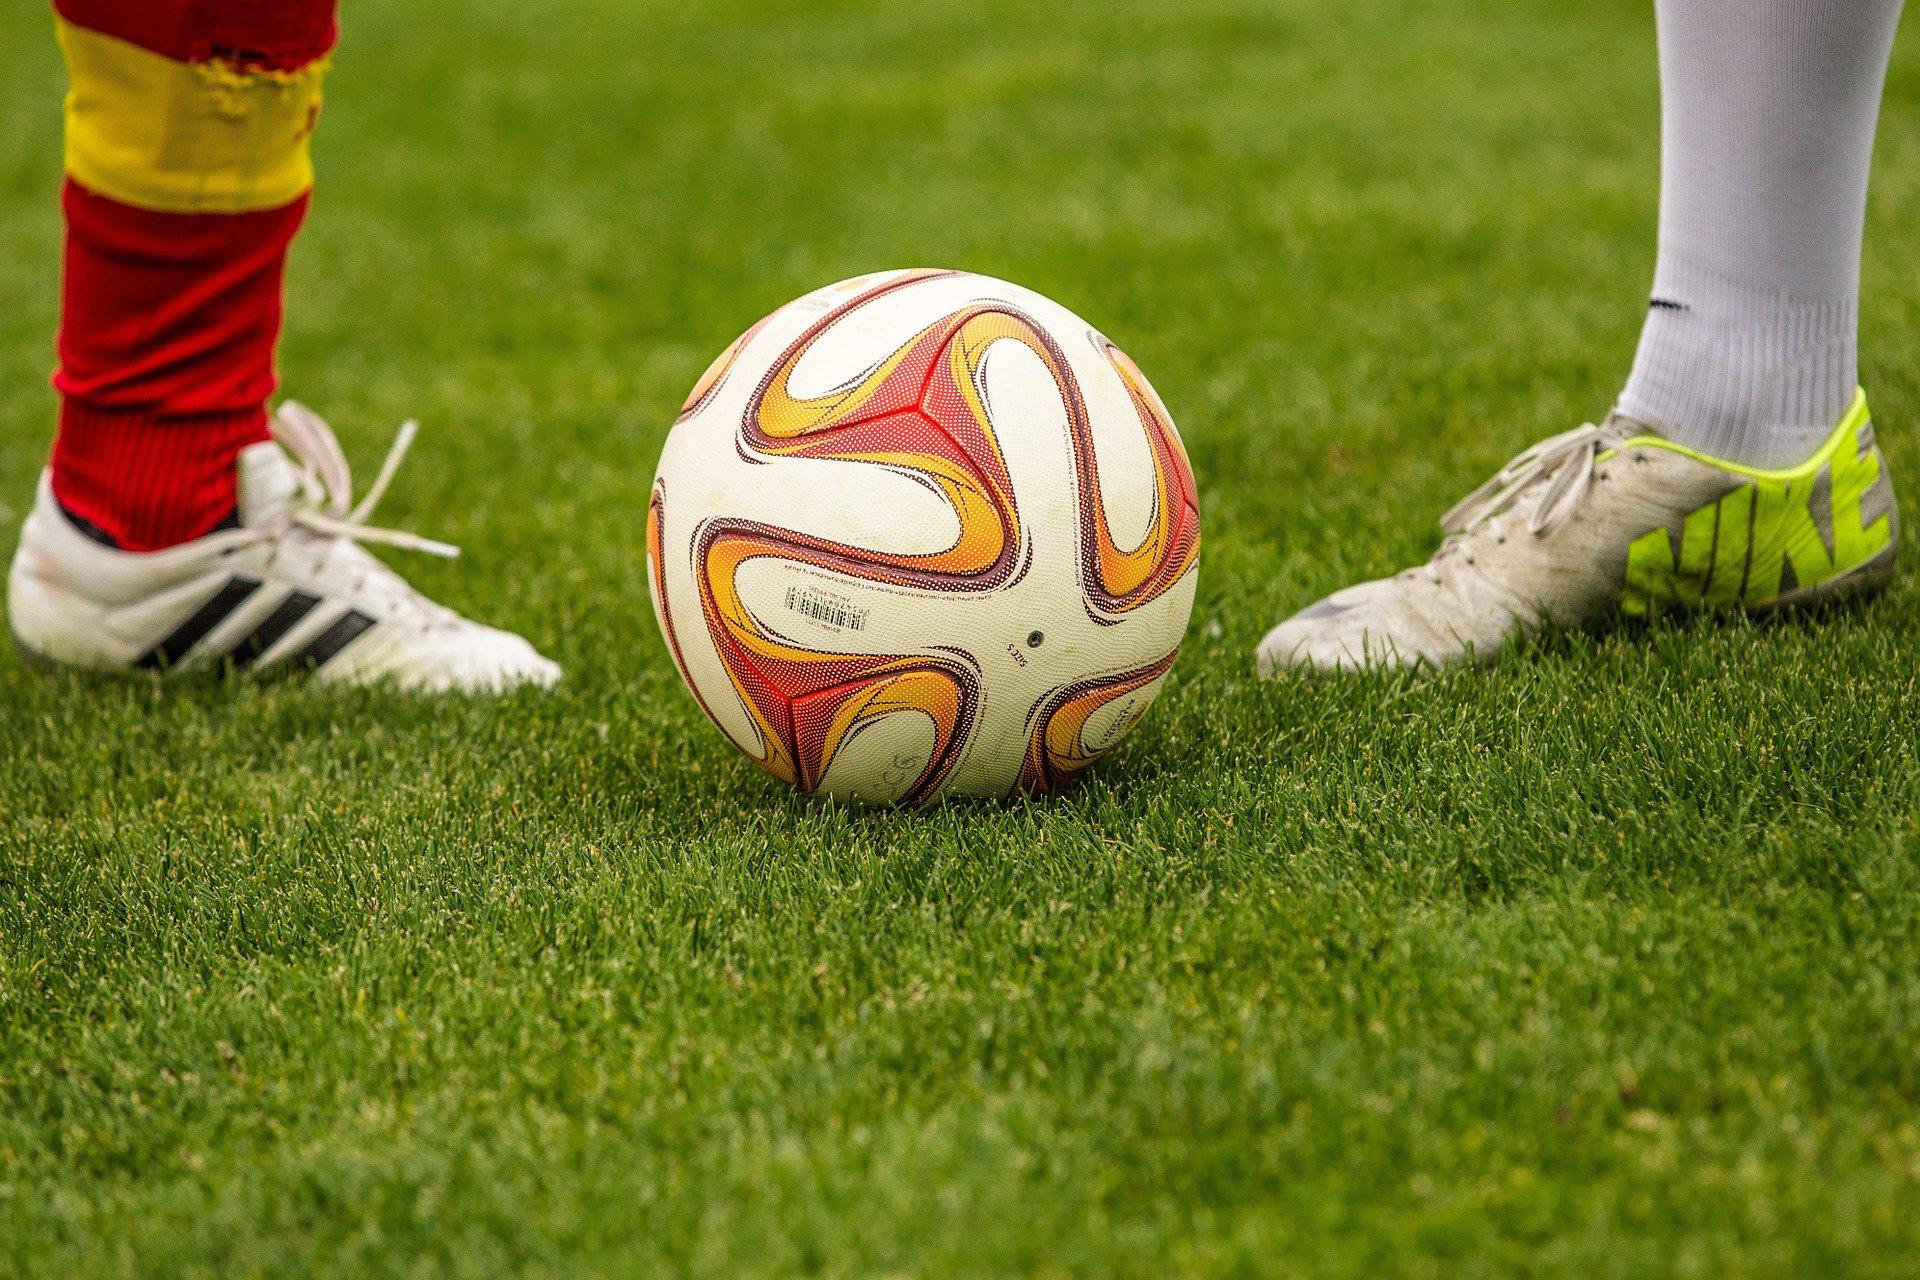 Fussball verschiedene Designs